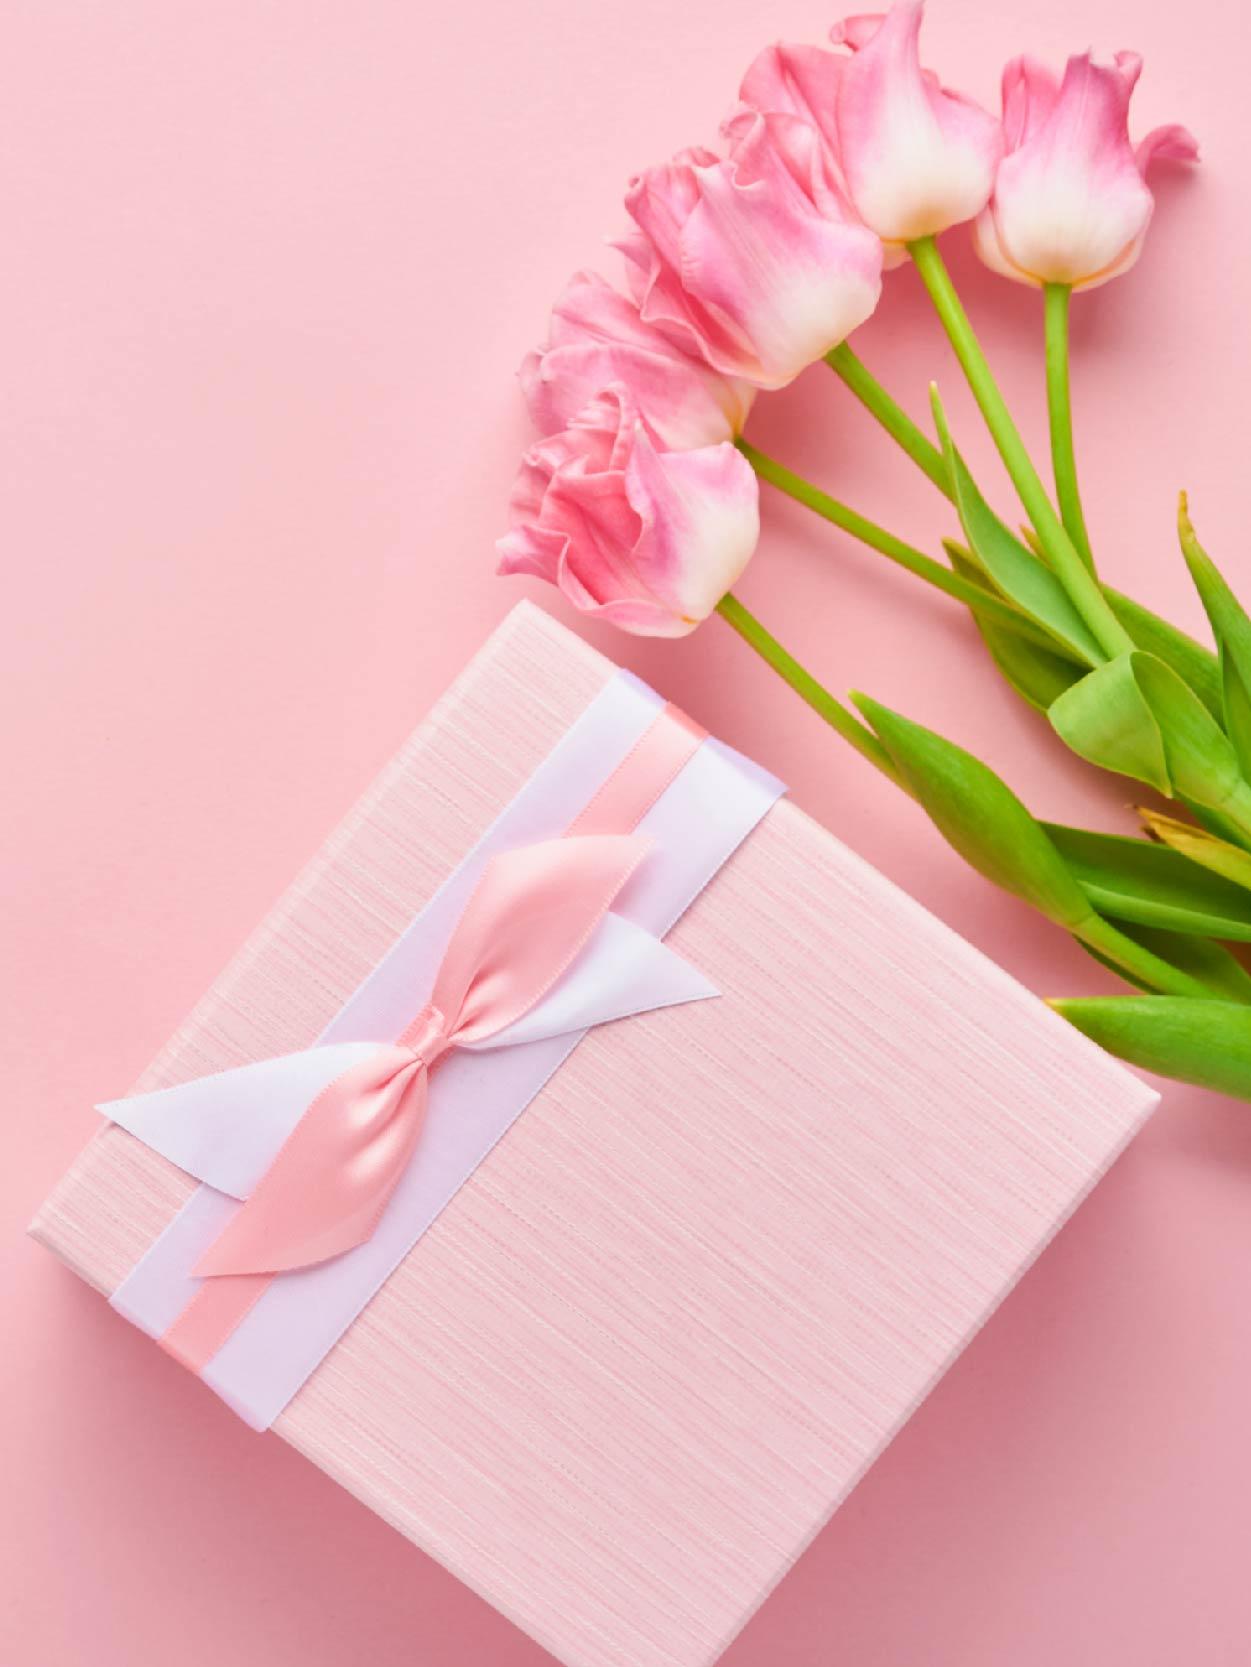 Make it home Onlineshop - Geschenke für Ihre Liebsten online kaufen